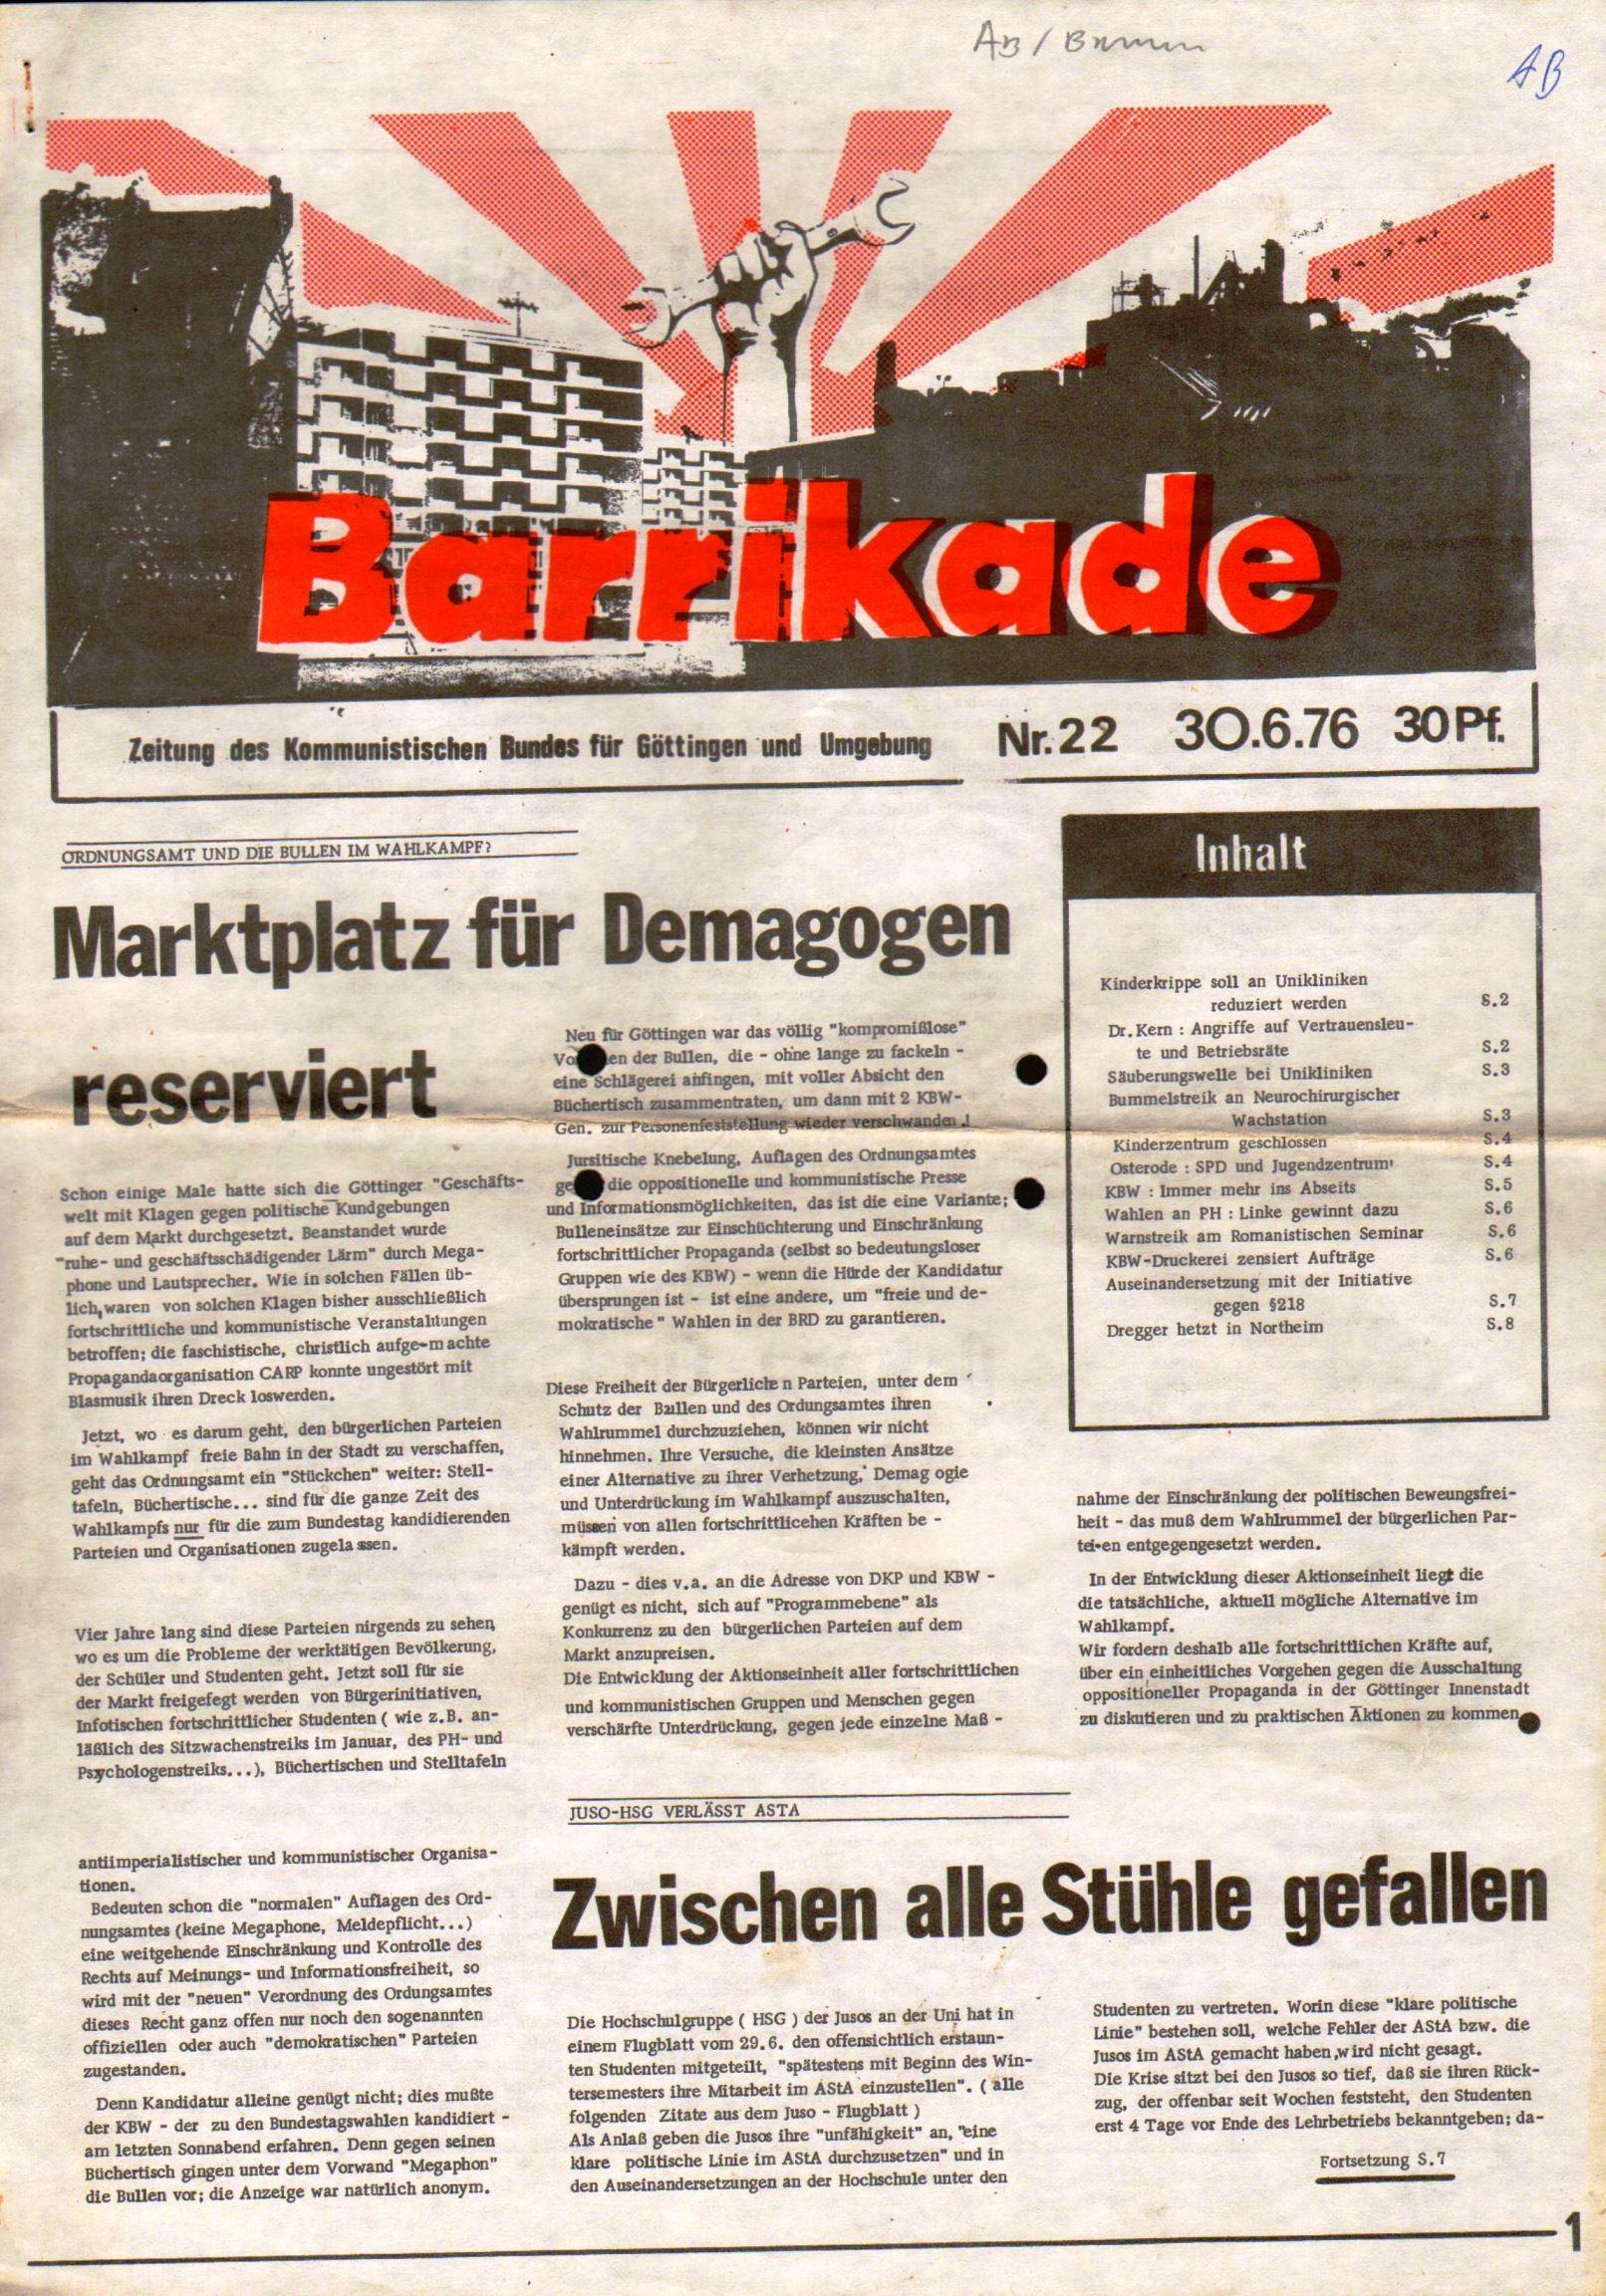 Goettingen_Barrikade137